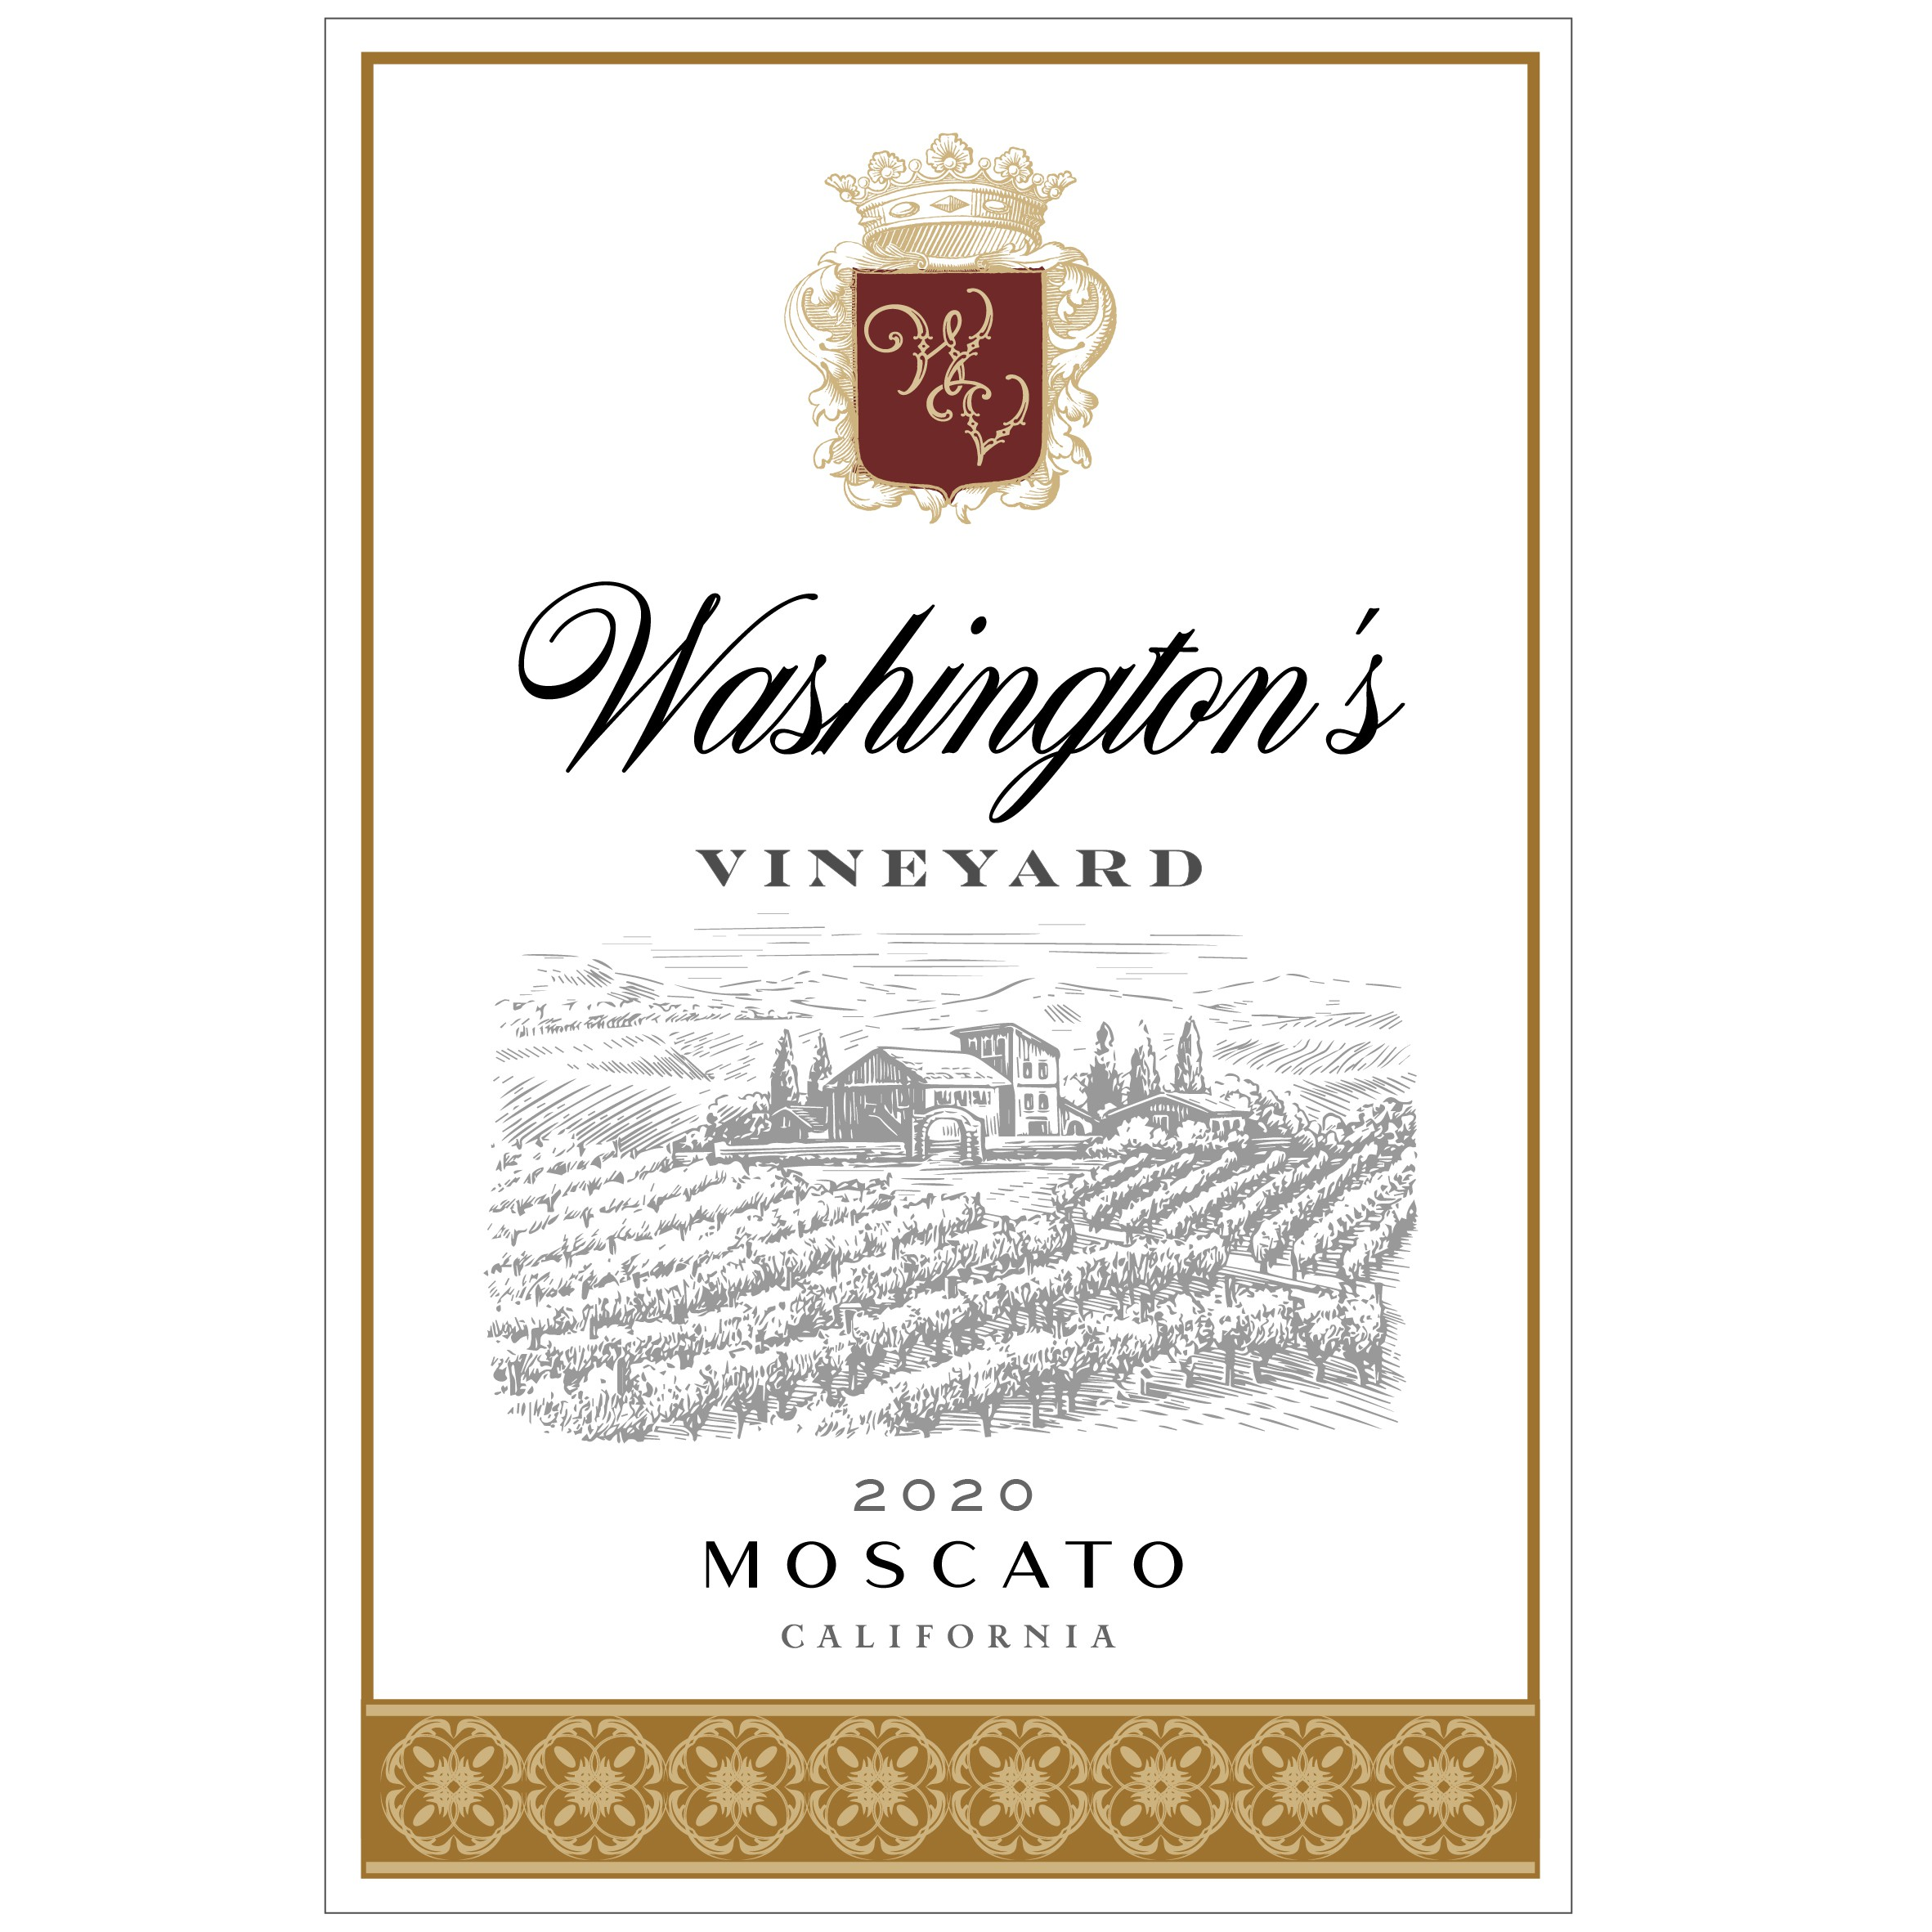 Wine Label - Washington's Vineyards